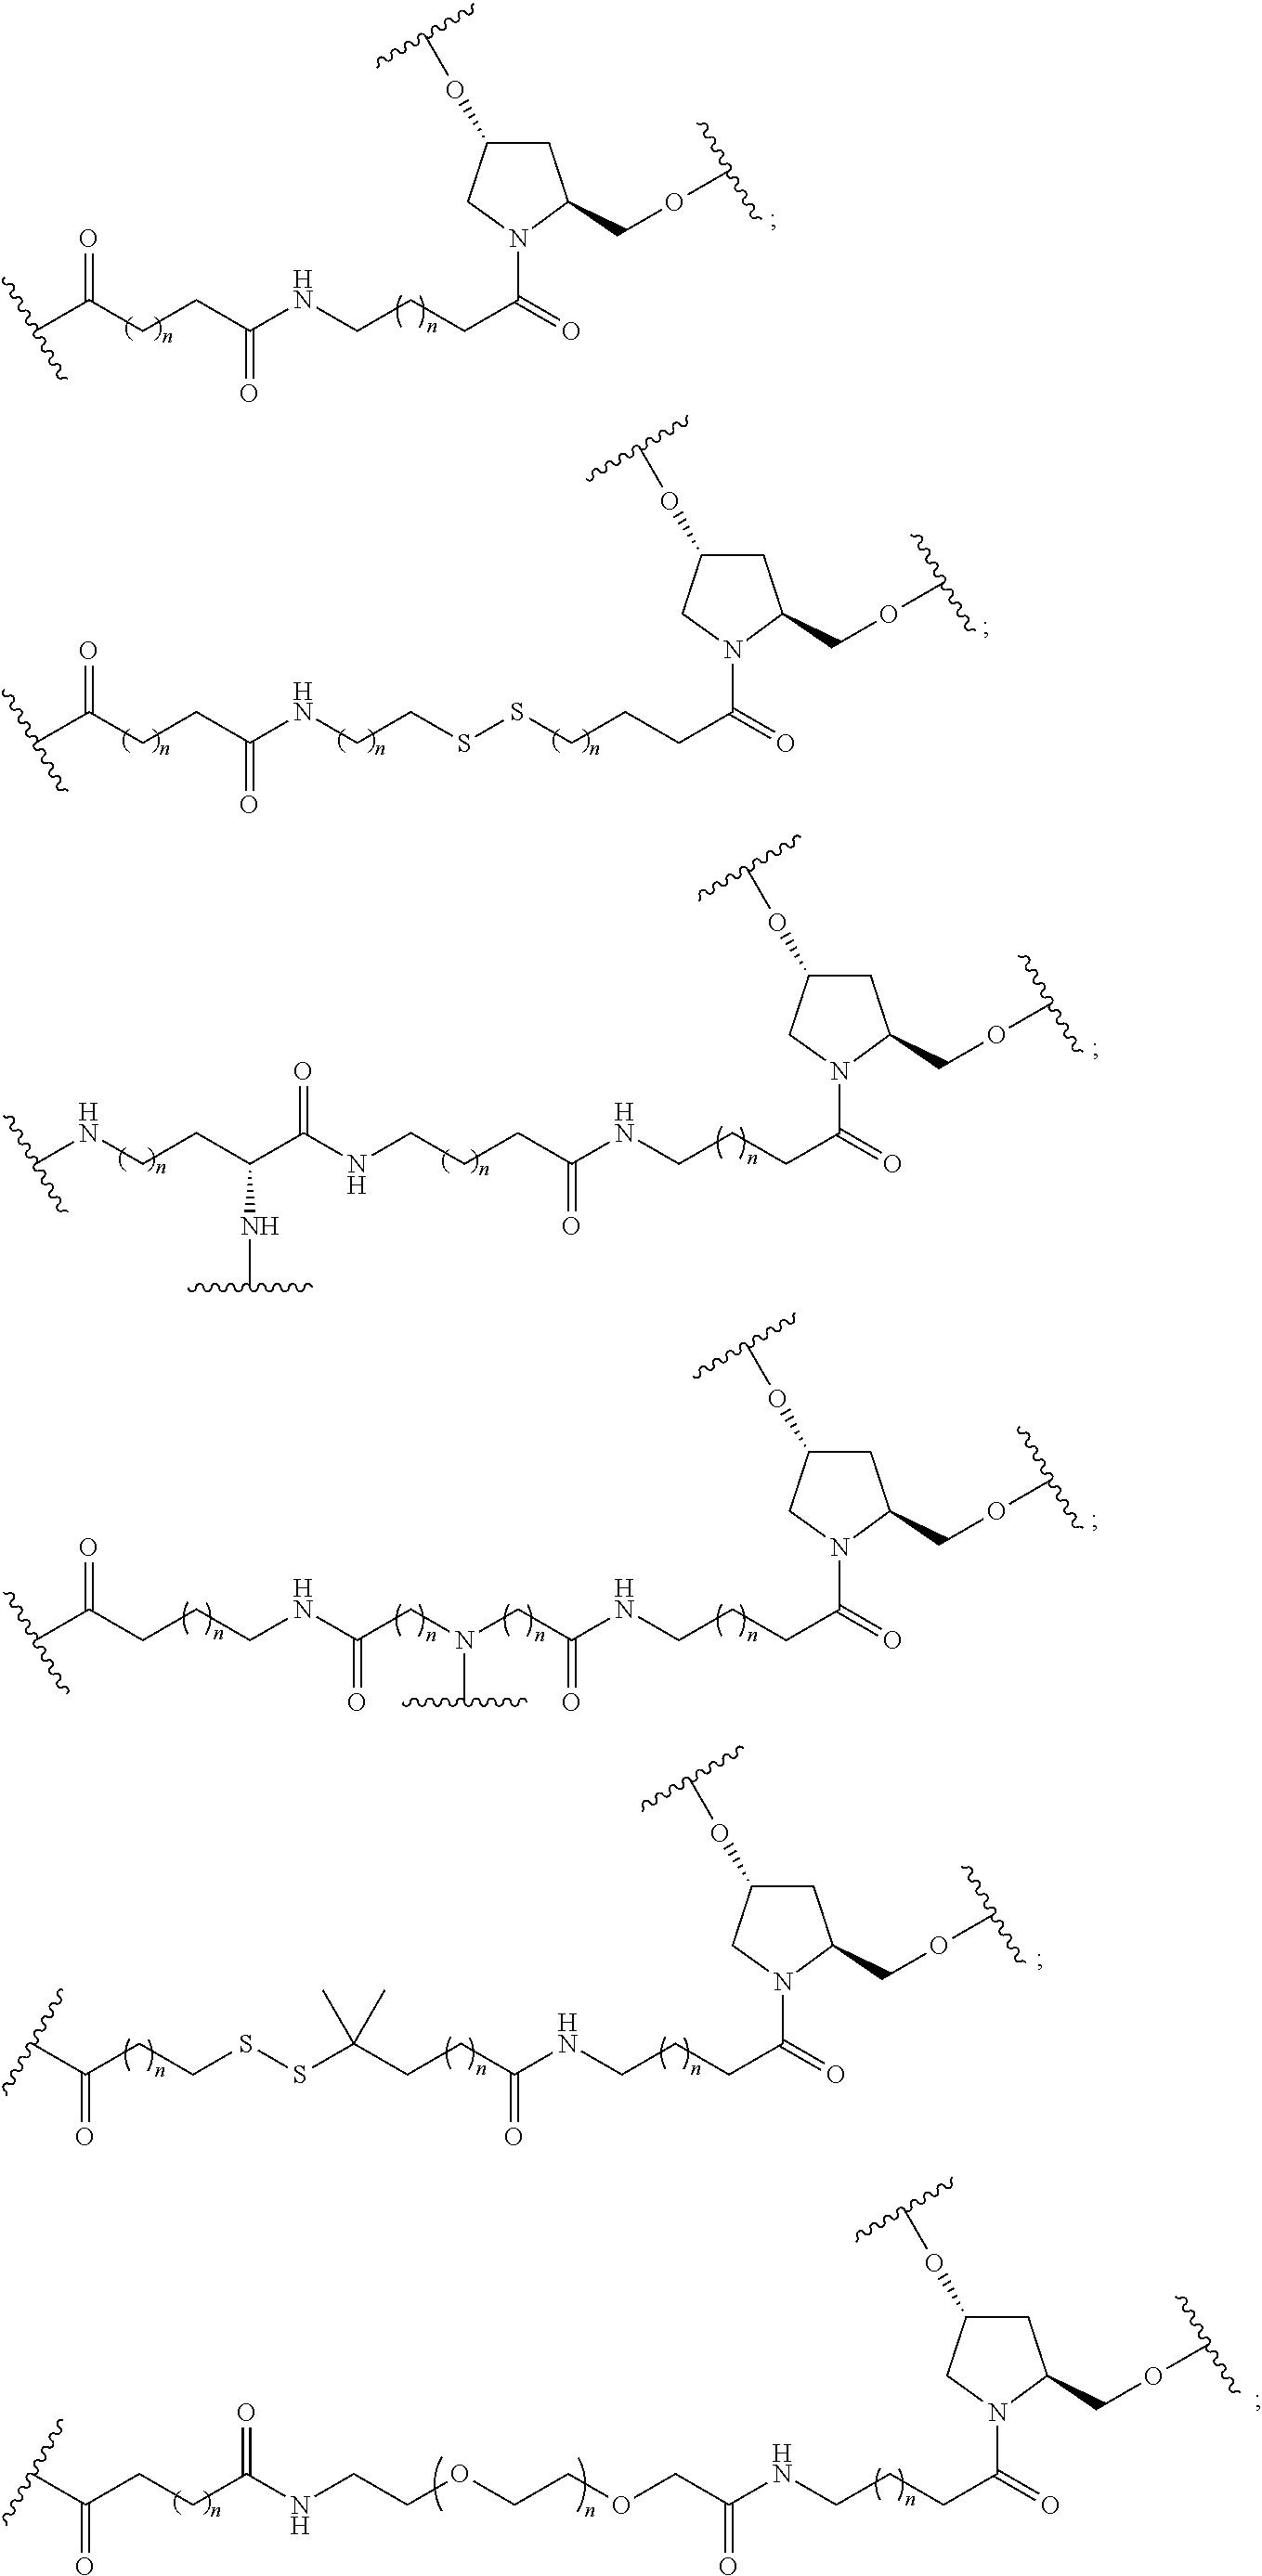 Figure US09957504-20180501-C00046